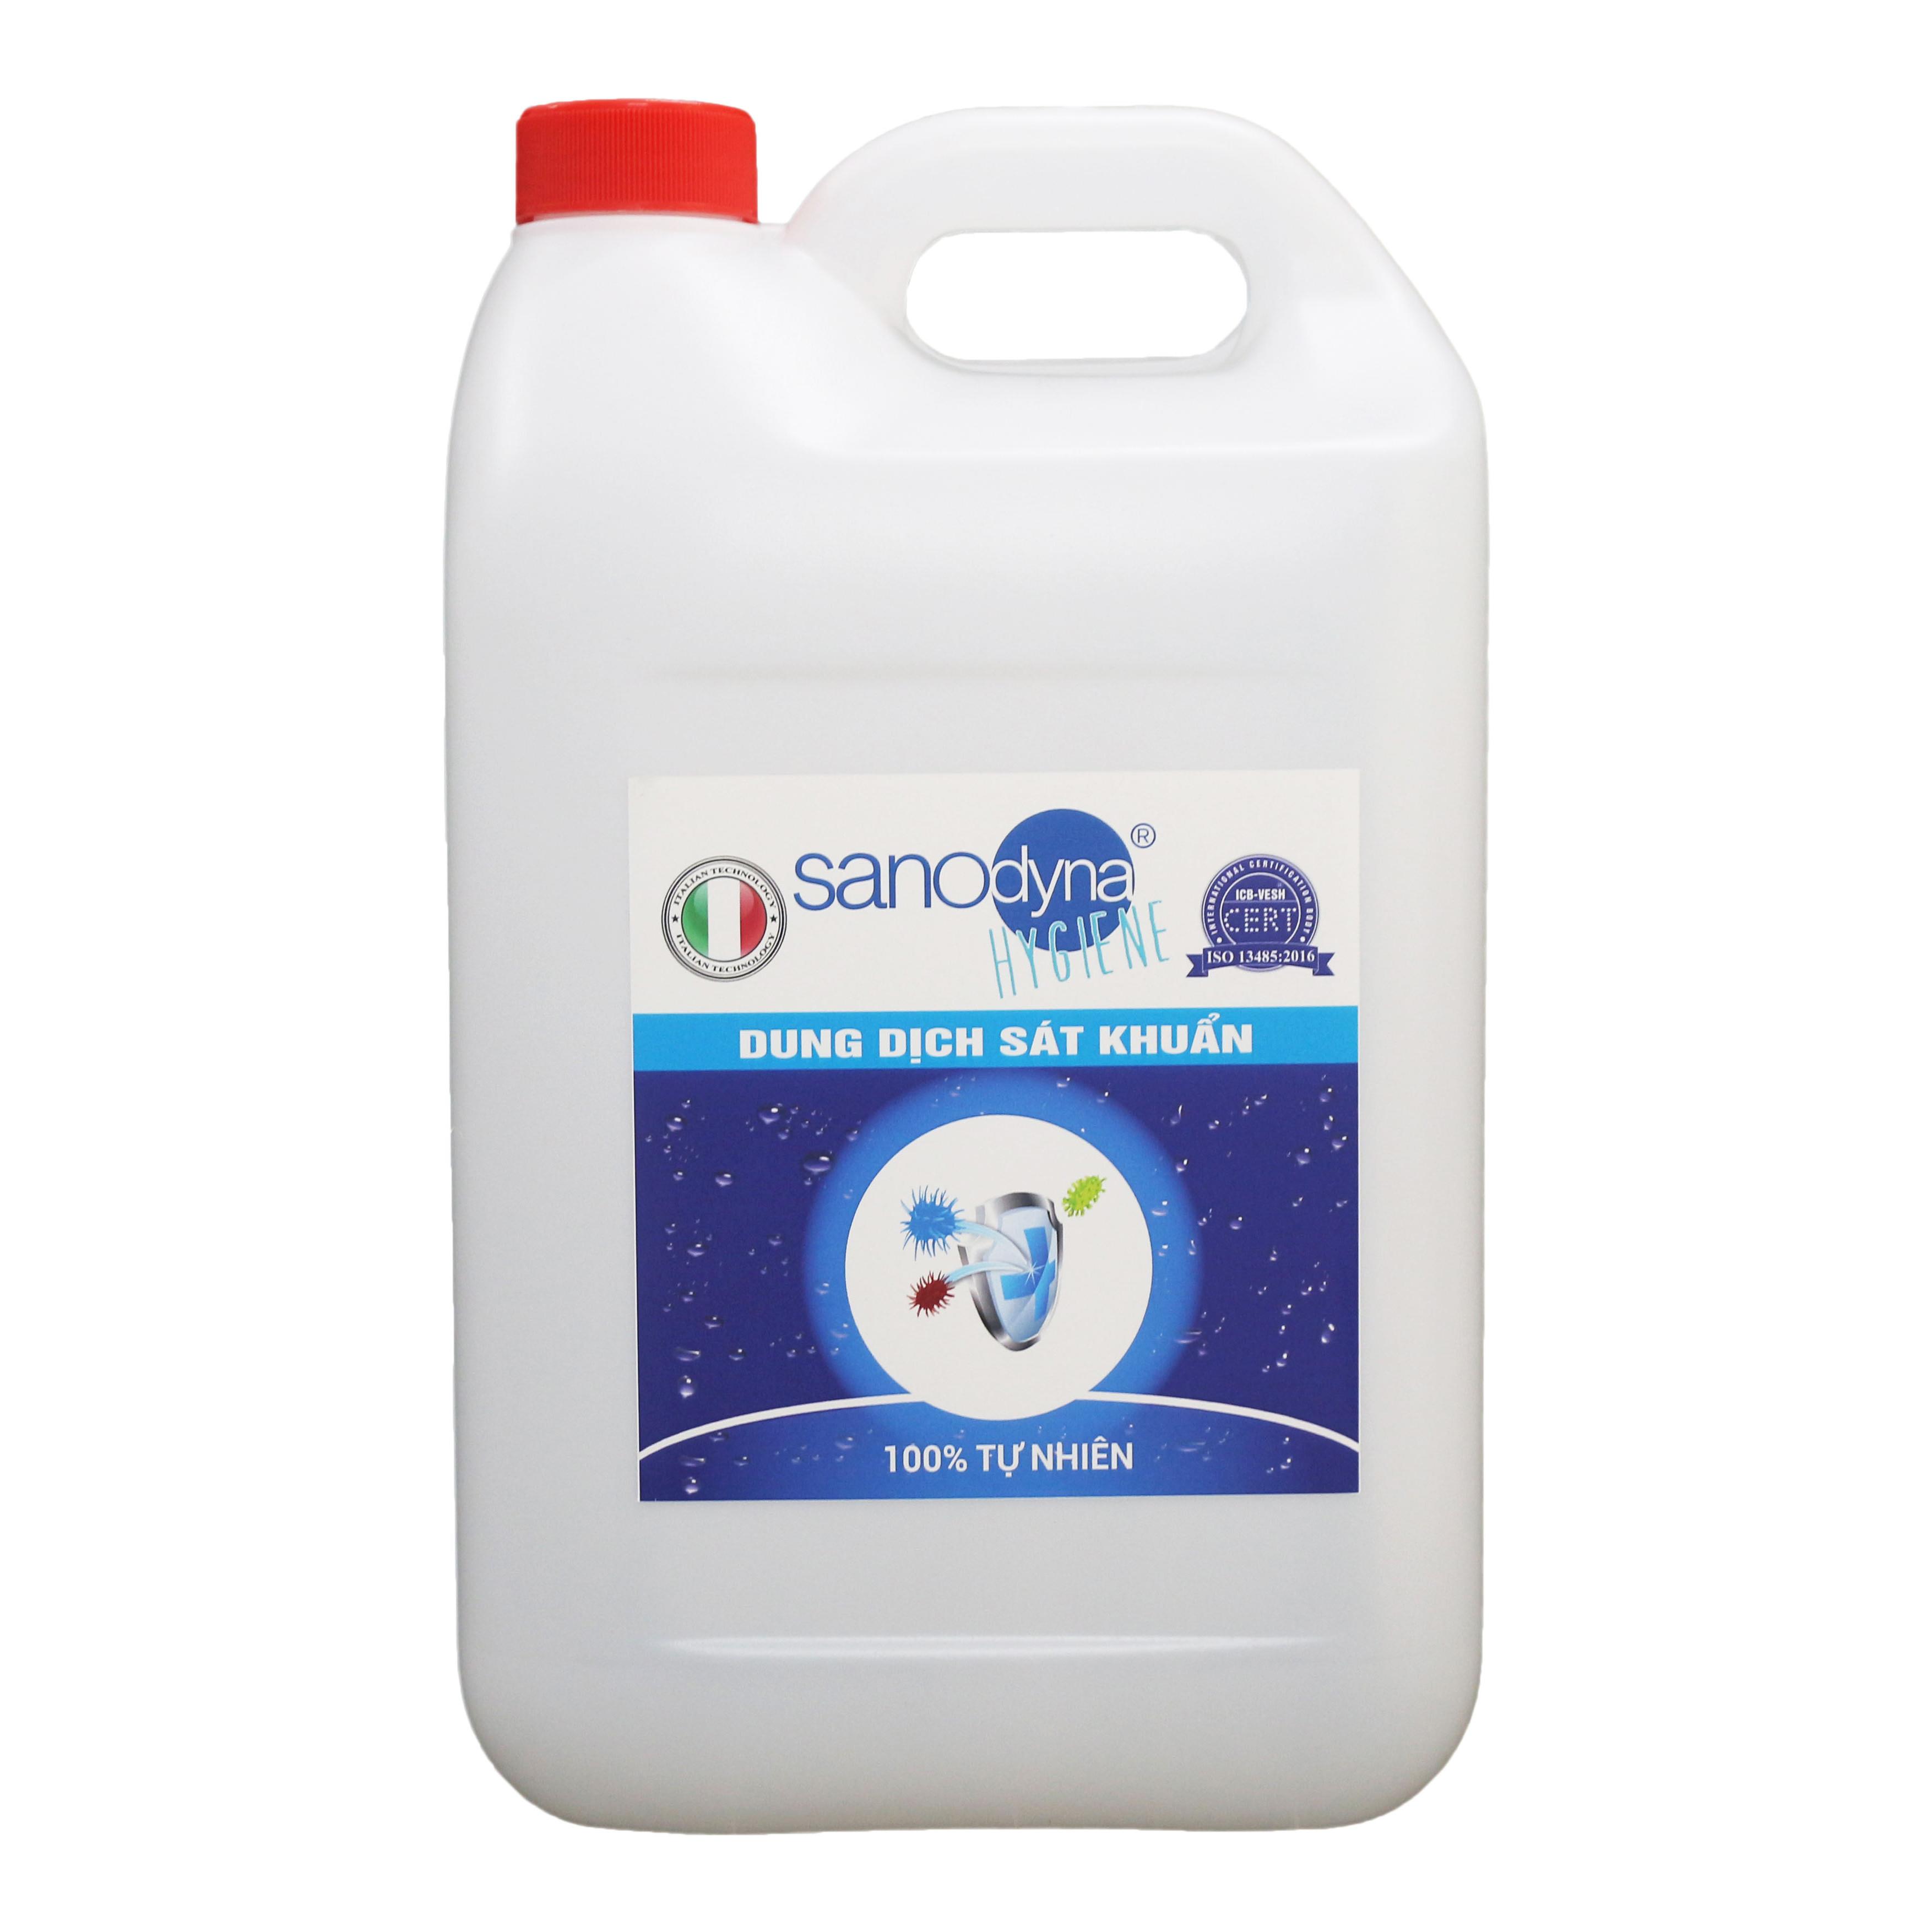 Dung dịch sát khuẩn 100% tự nhiên Anolyte thương hiệu Sanodyna xuất xứ ITALIA